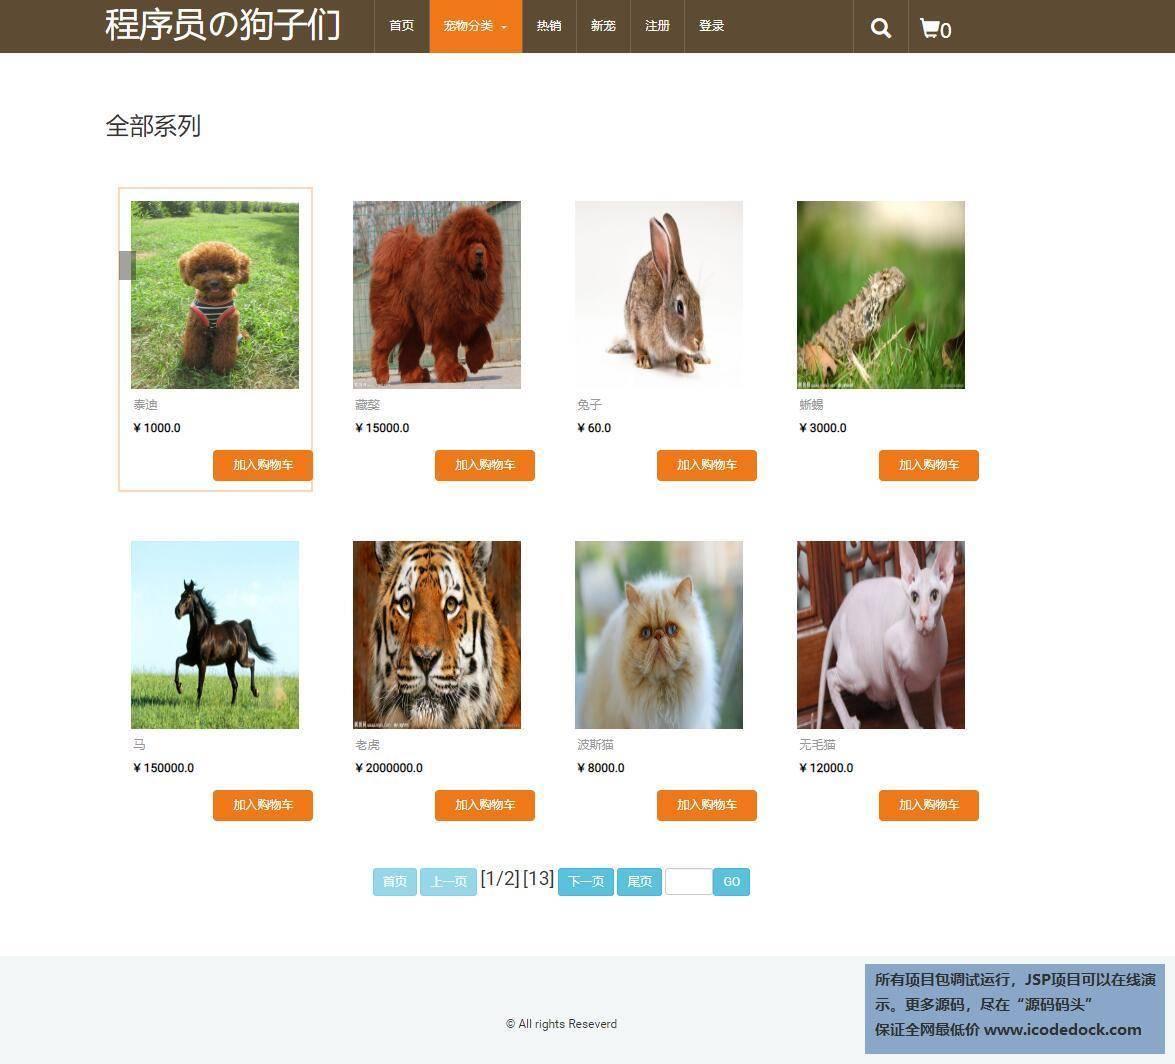 源码码头-JSP宠物店管理系统-用户角色-宠物分类查看